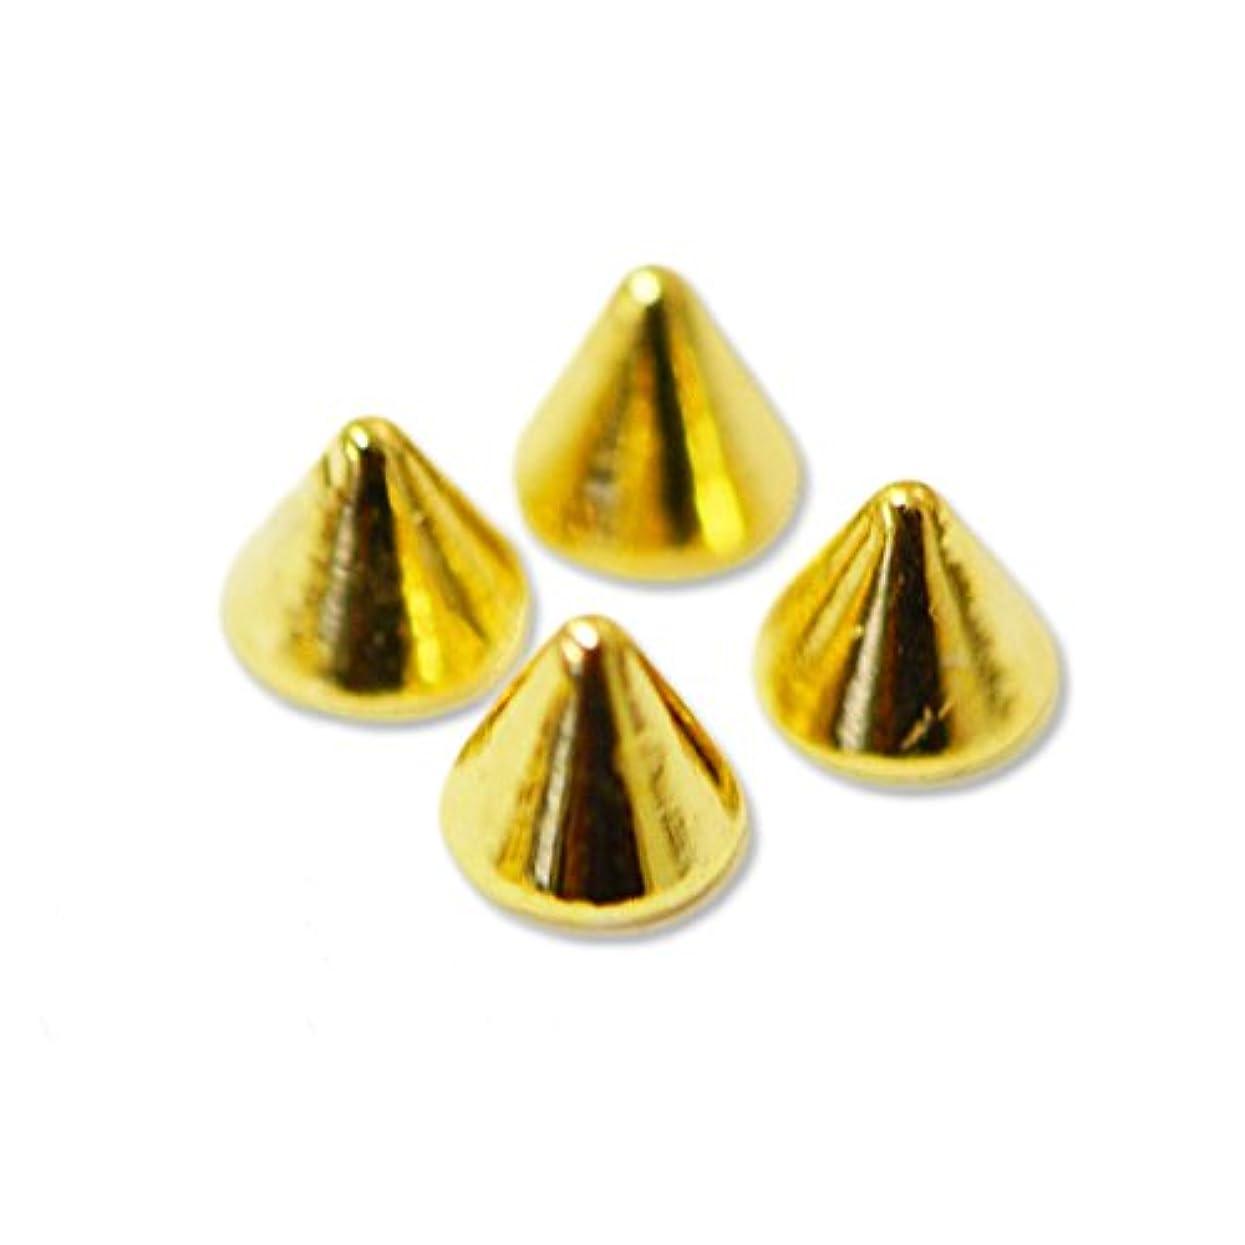 蓮抜け目がない接続詞ジュエリーメタルパーツ ロックスタッズ 円錐形(コーン)の鋲 : 4個入り ゴールド 直径3mm×高さ2mm